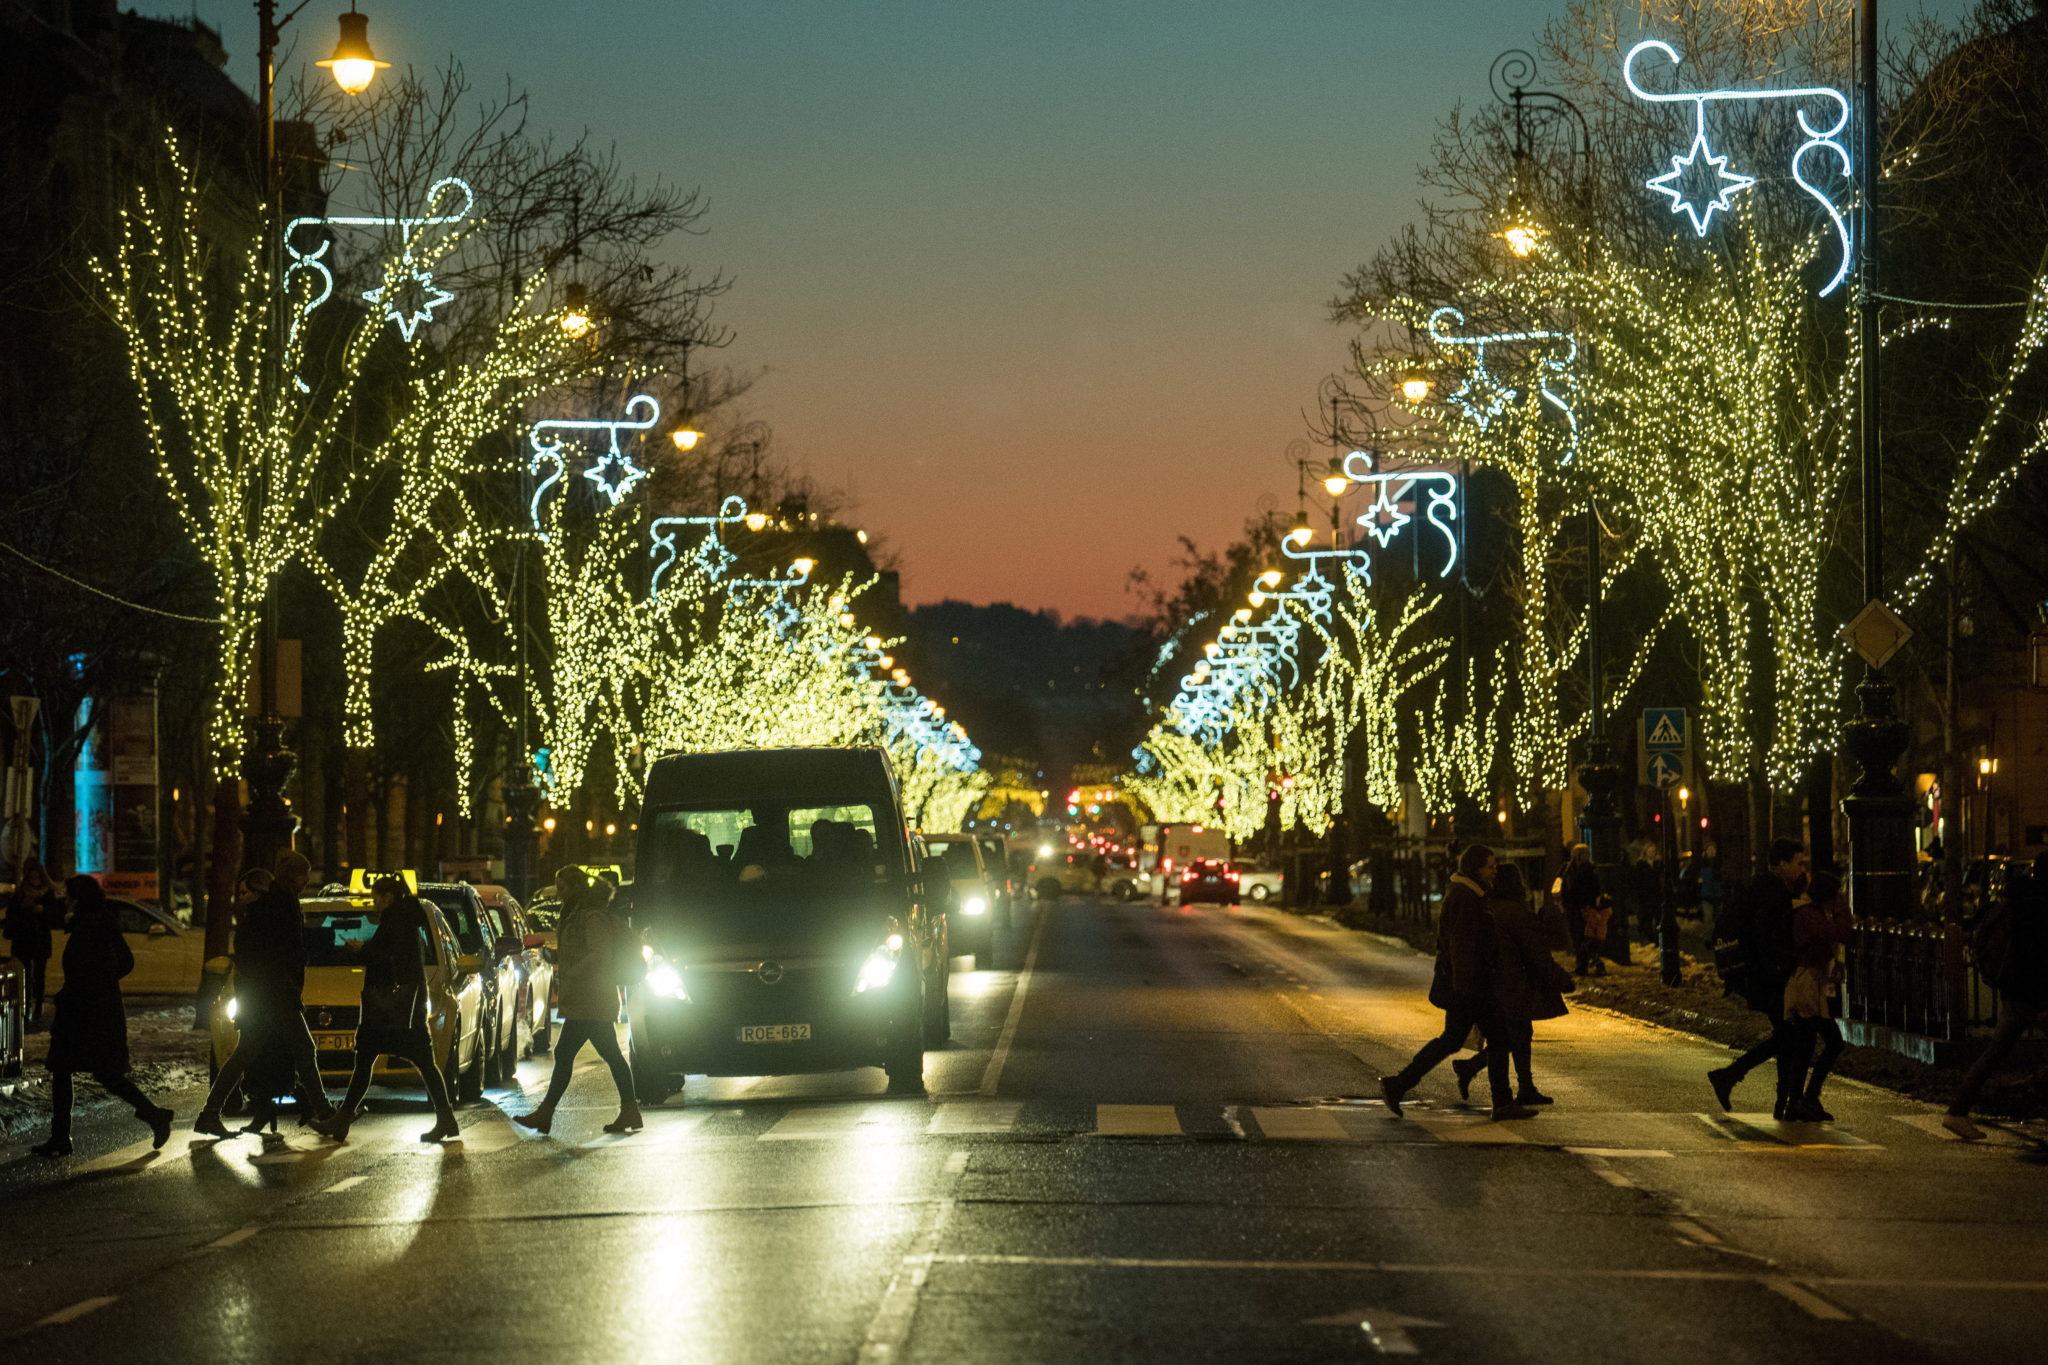 Węgry: świąteczne dekoracje w centrum Budapesztu, fot. EPA/Zoltan Balogh